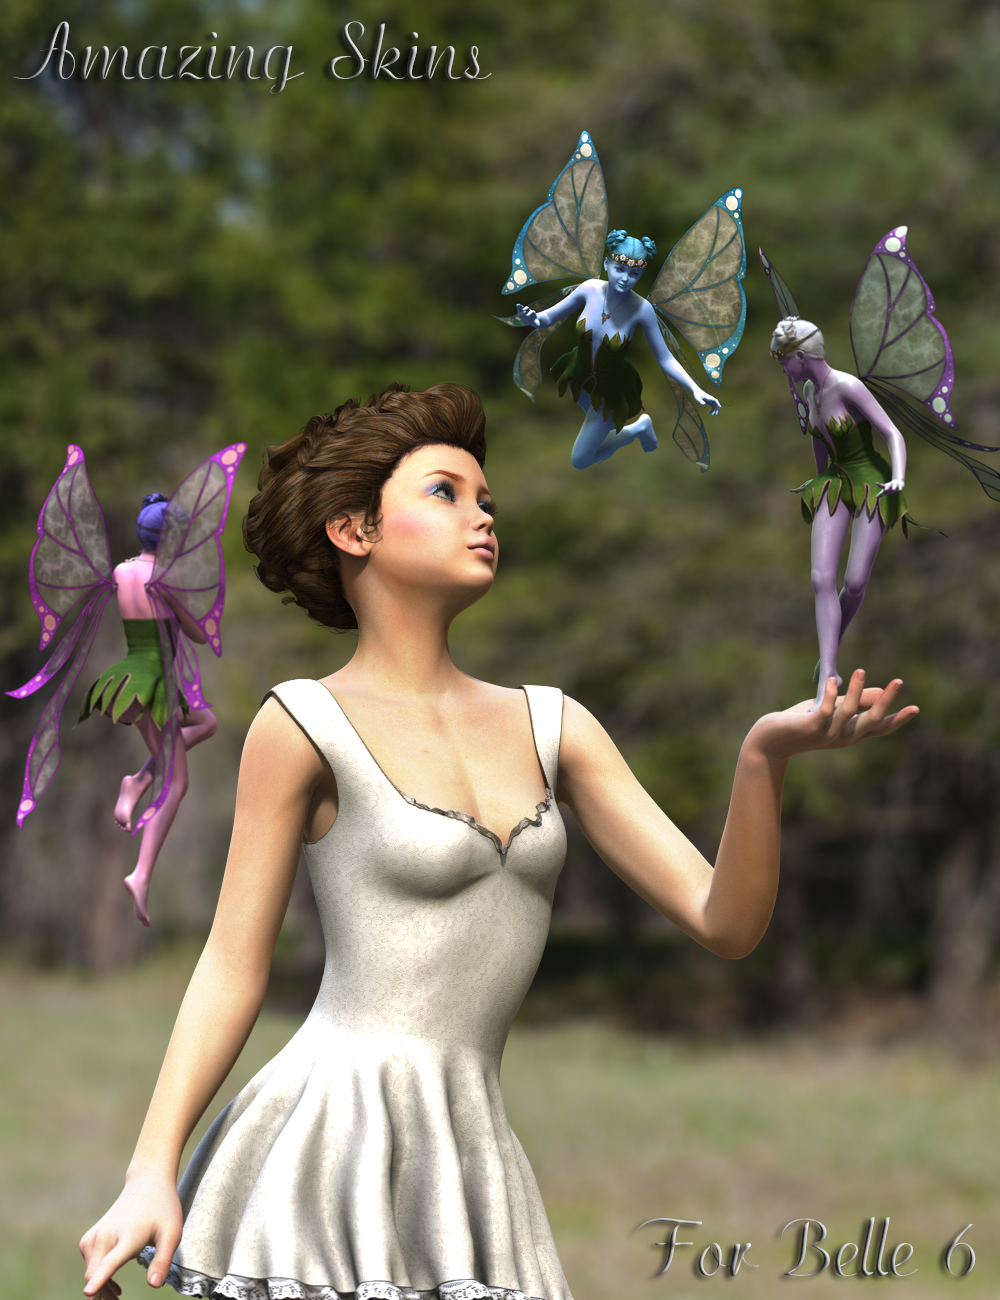 Amazing Skins For Belle 6 by: V3Digitimes, 3D Models by Daz 3D